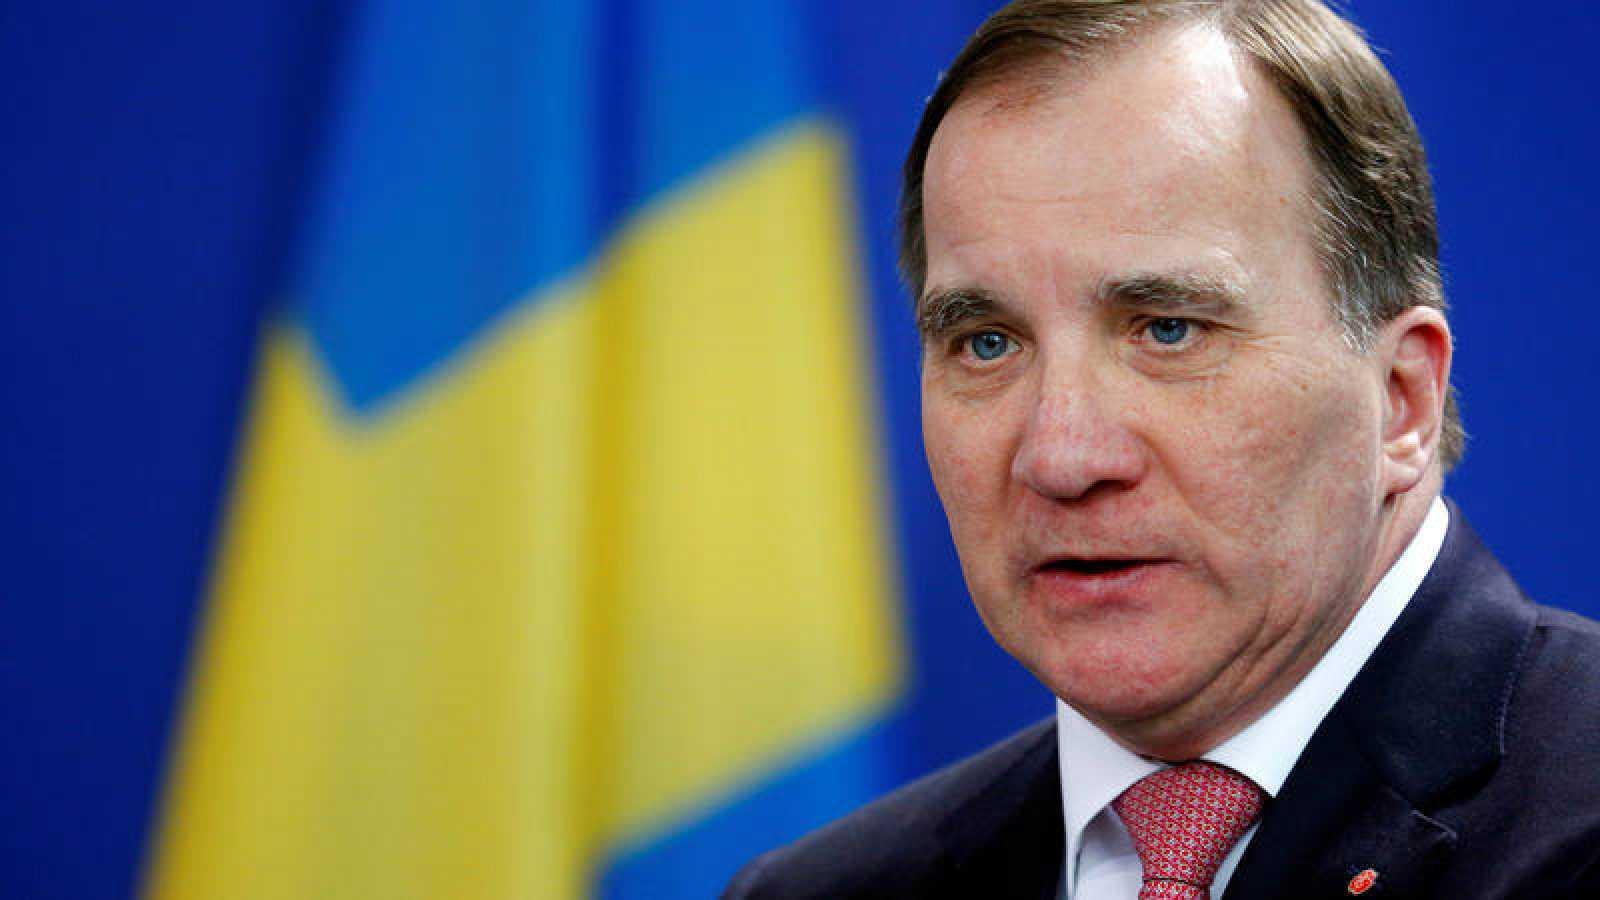 El ex primer ministro sueco, Stefan Löfven